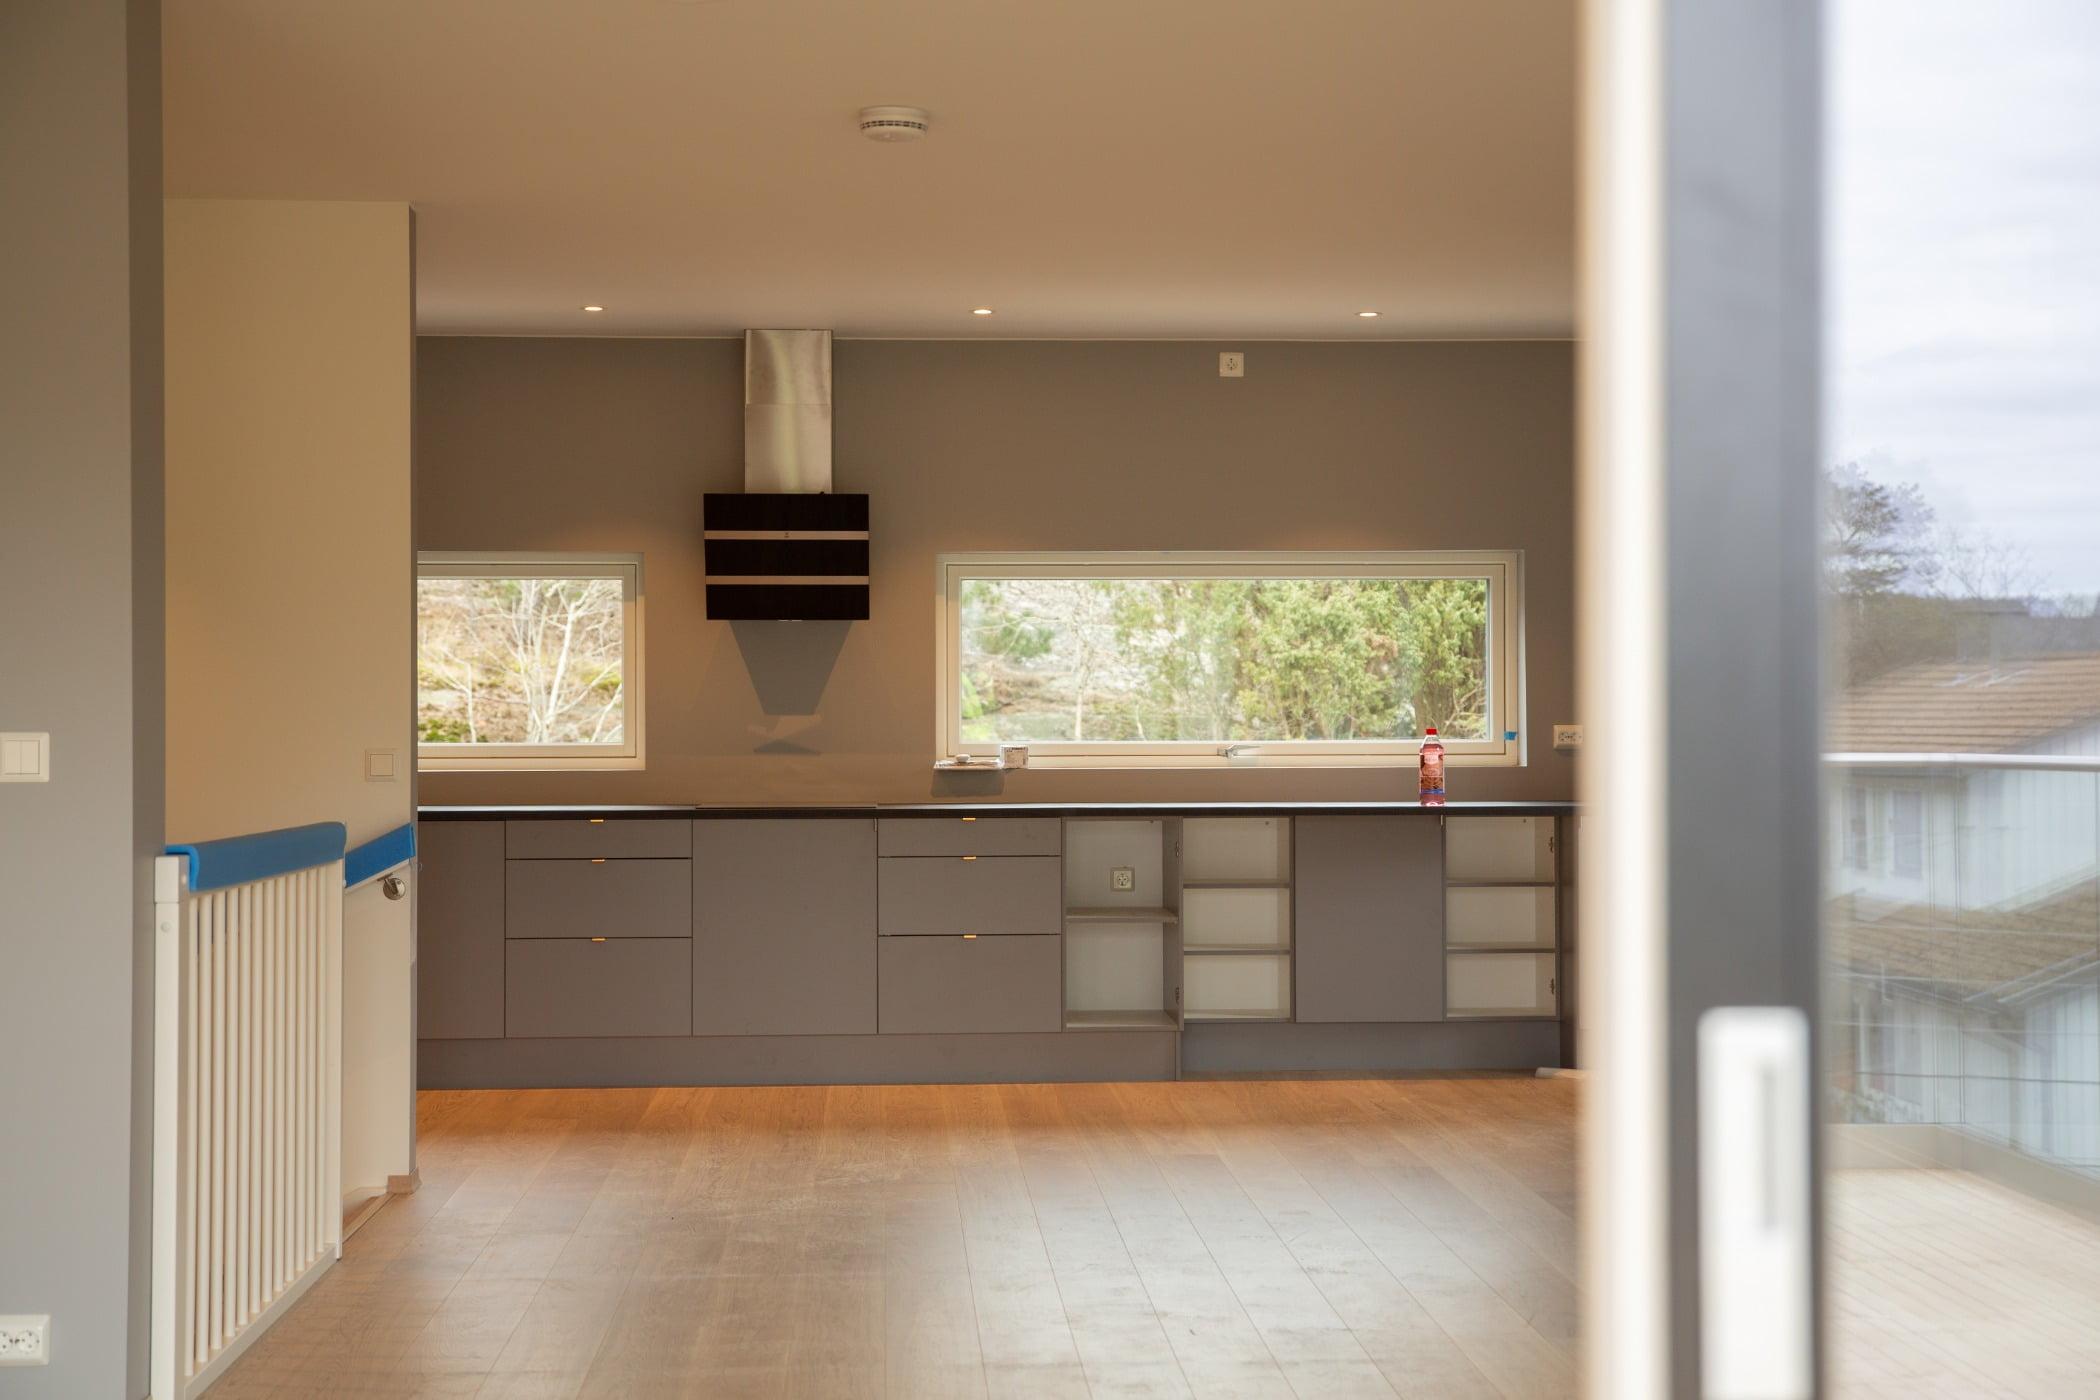 Cabinetry, Building, Fixture, Wood, Window, Flooring, Countertop, Floor, Shade, Wall